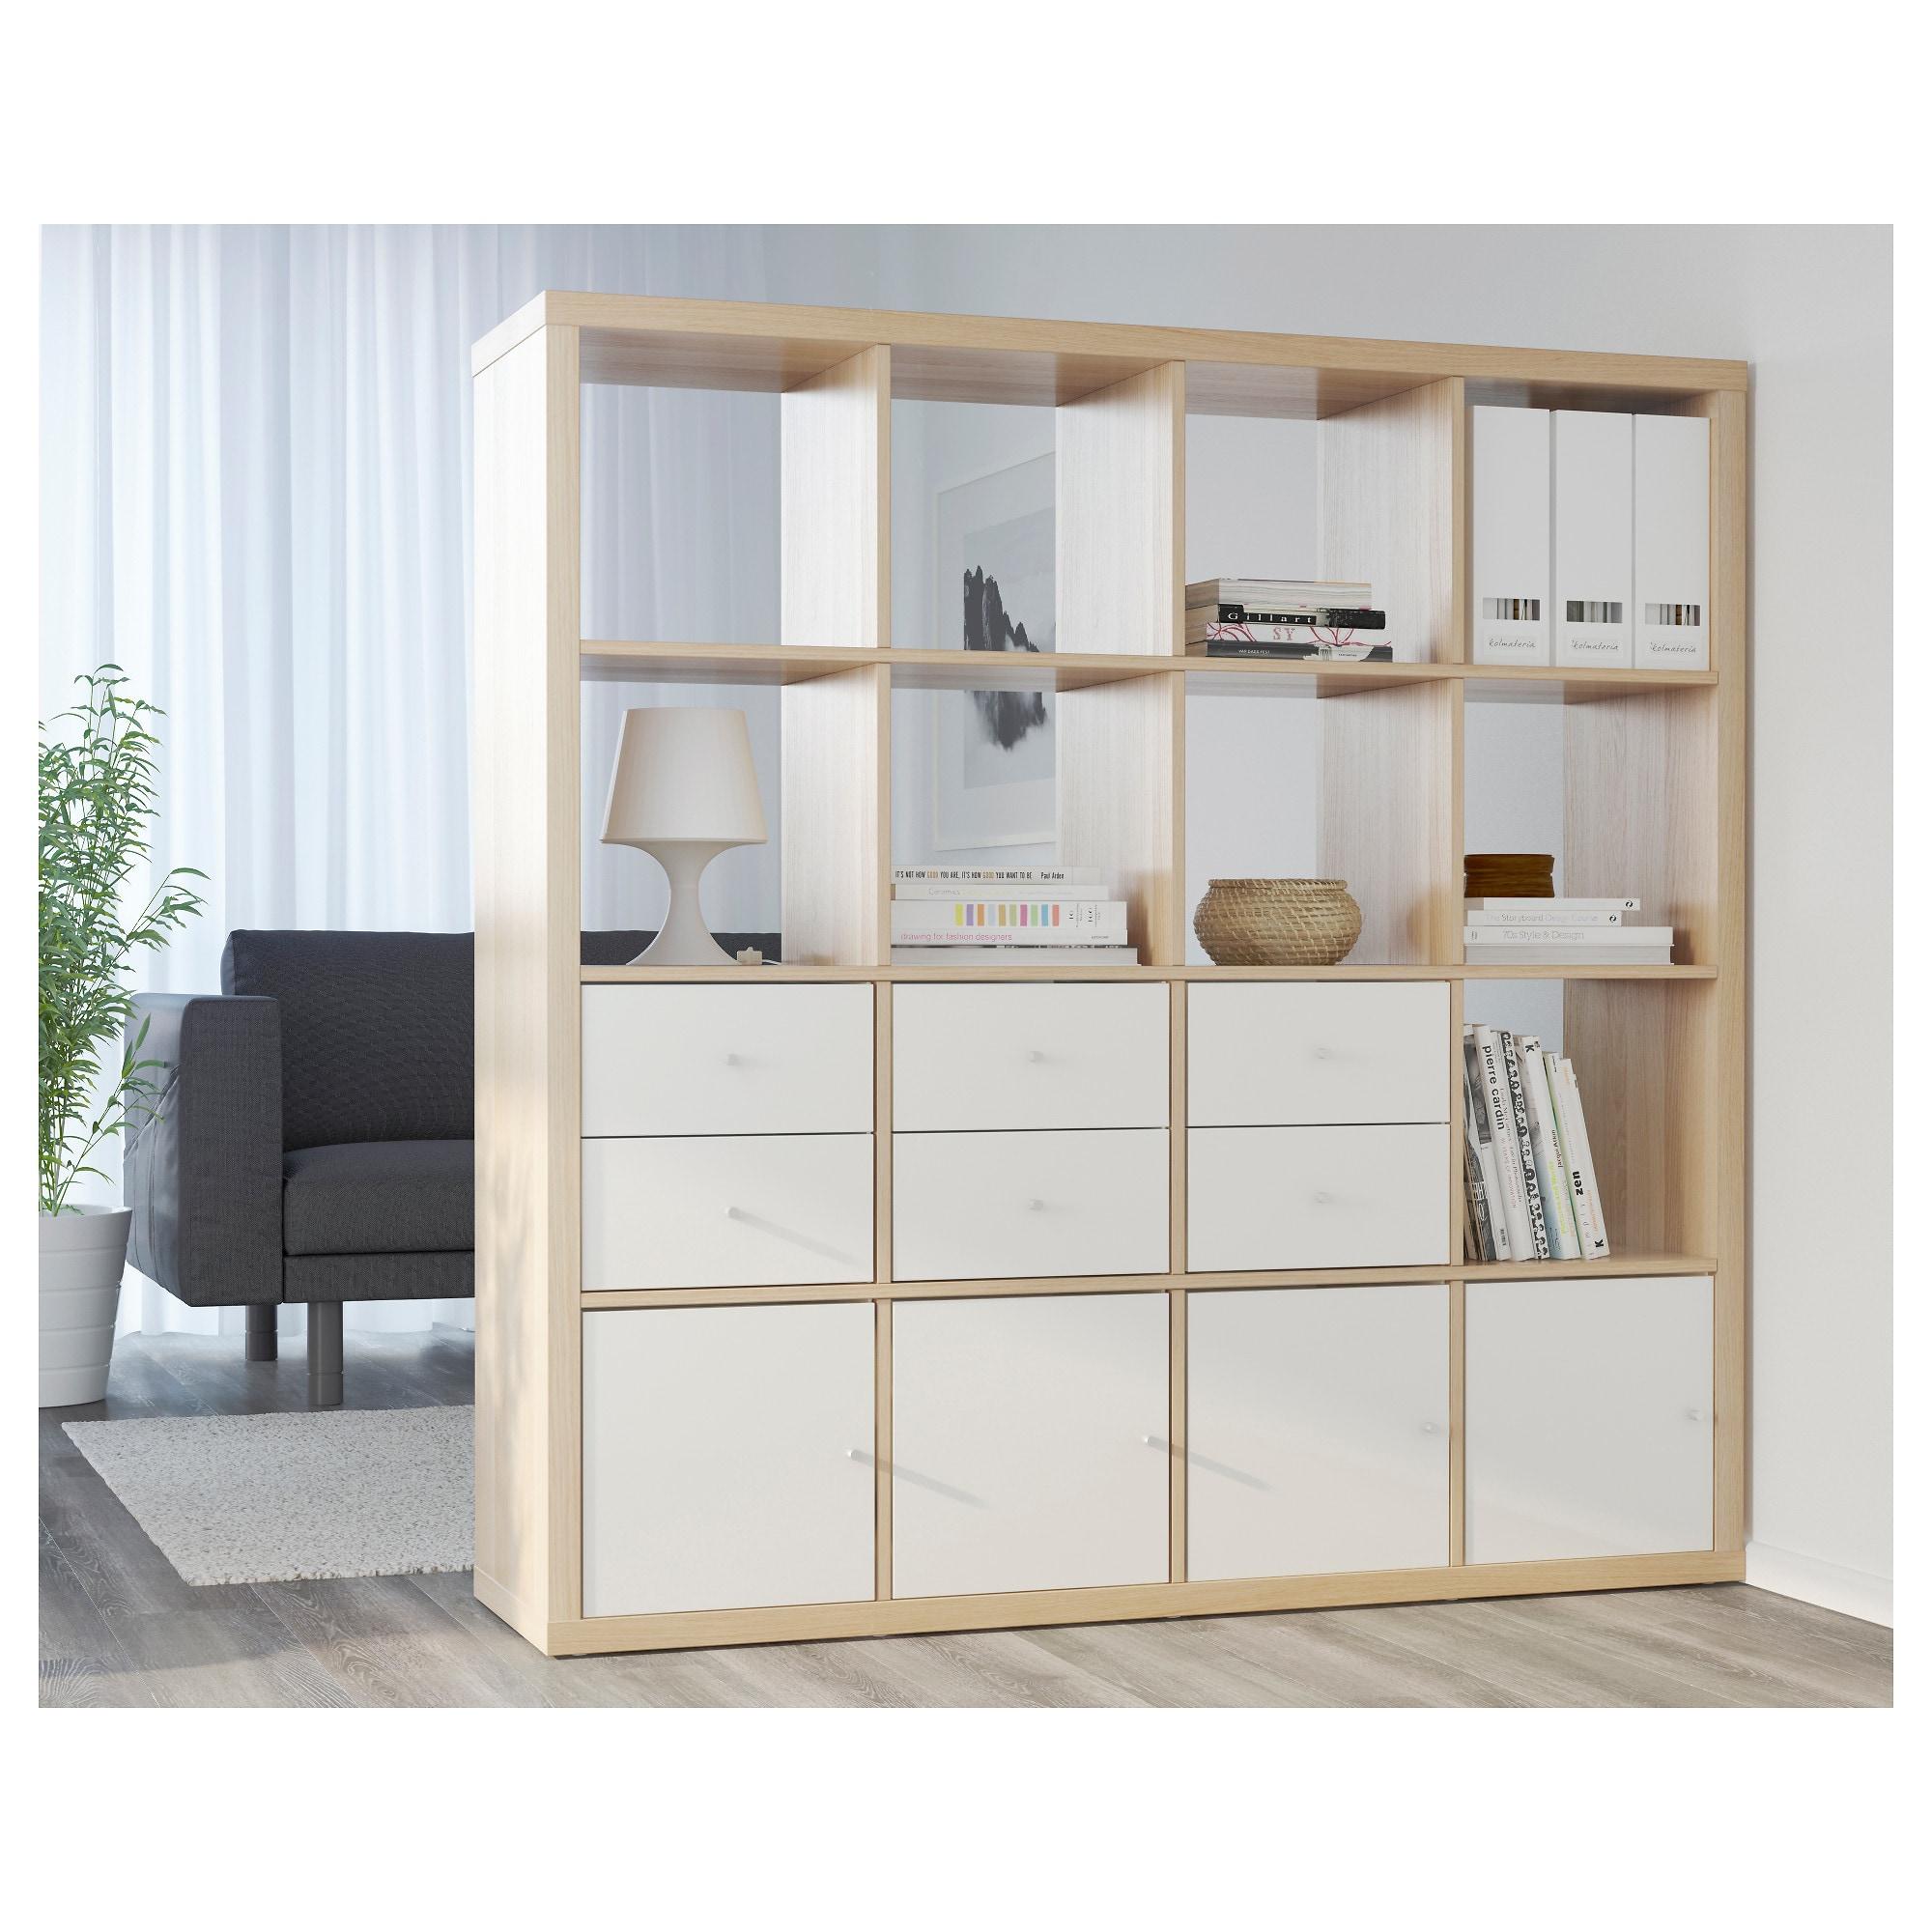 Full Size of Raumteiler Ikea Kallaregal Wei Deutschland Betten 160x200 Küche Kaufen Regal Kosten Miniküche Modulküche Sofa Mit Schlaffunktion Bei Wohnzimmer Raumteiler Ikea